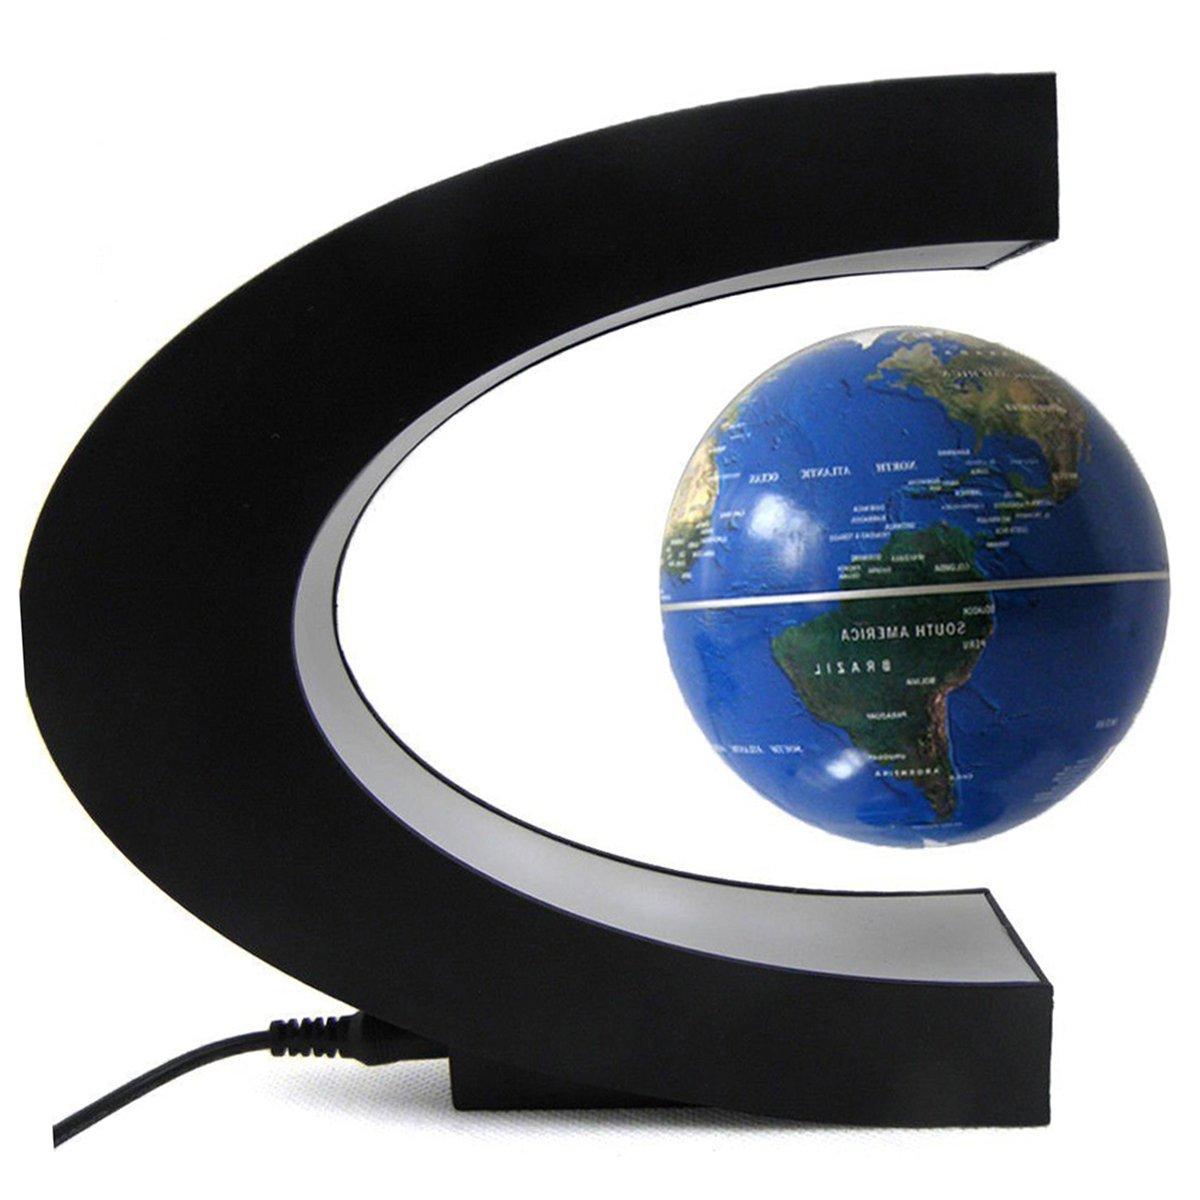 Koiiko c shape magnetic levitation floating world map amazon koiiko c shape magnetic levitation floating world map amazon electronics gumiabroncs Images